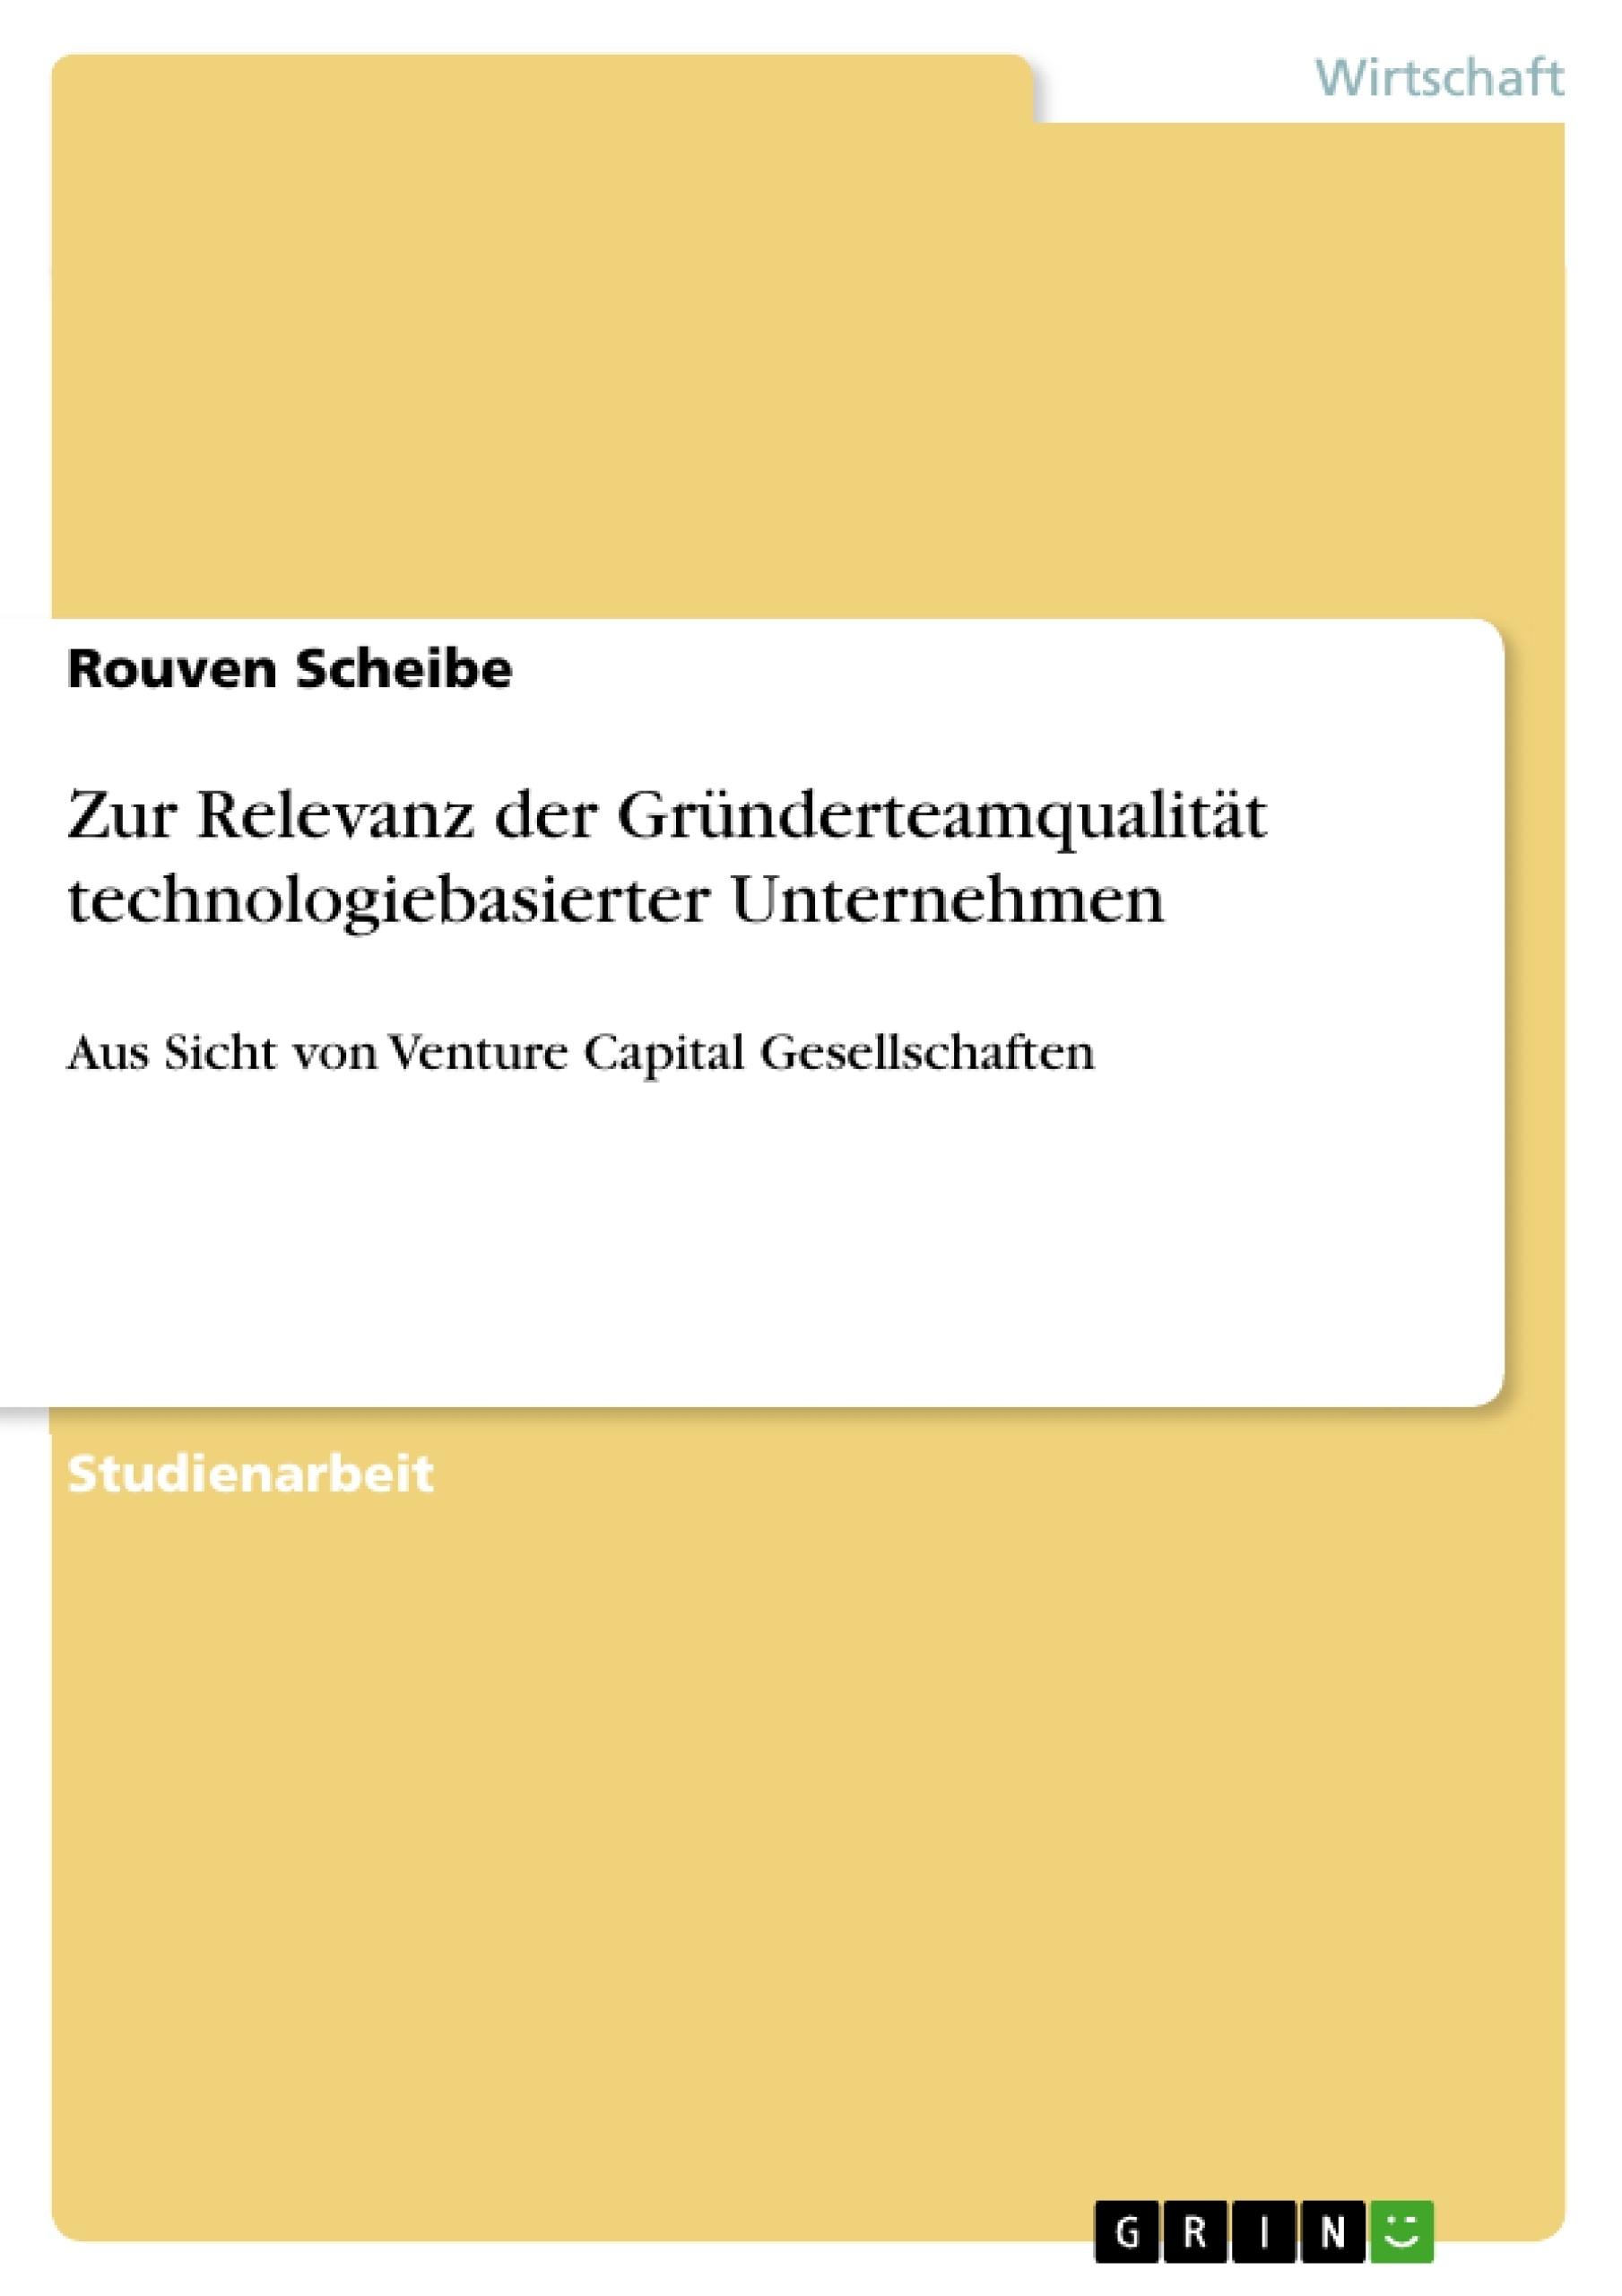 Titel: Zur Relevanz der Gründerteamqualität technologiebasierter Unternehmen